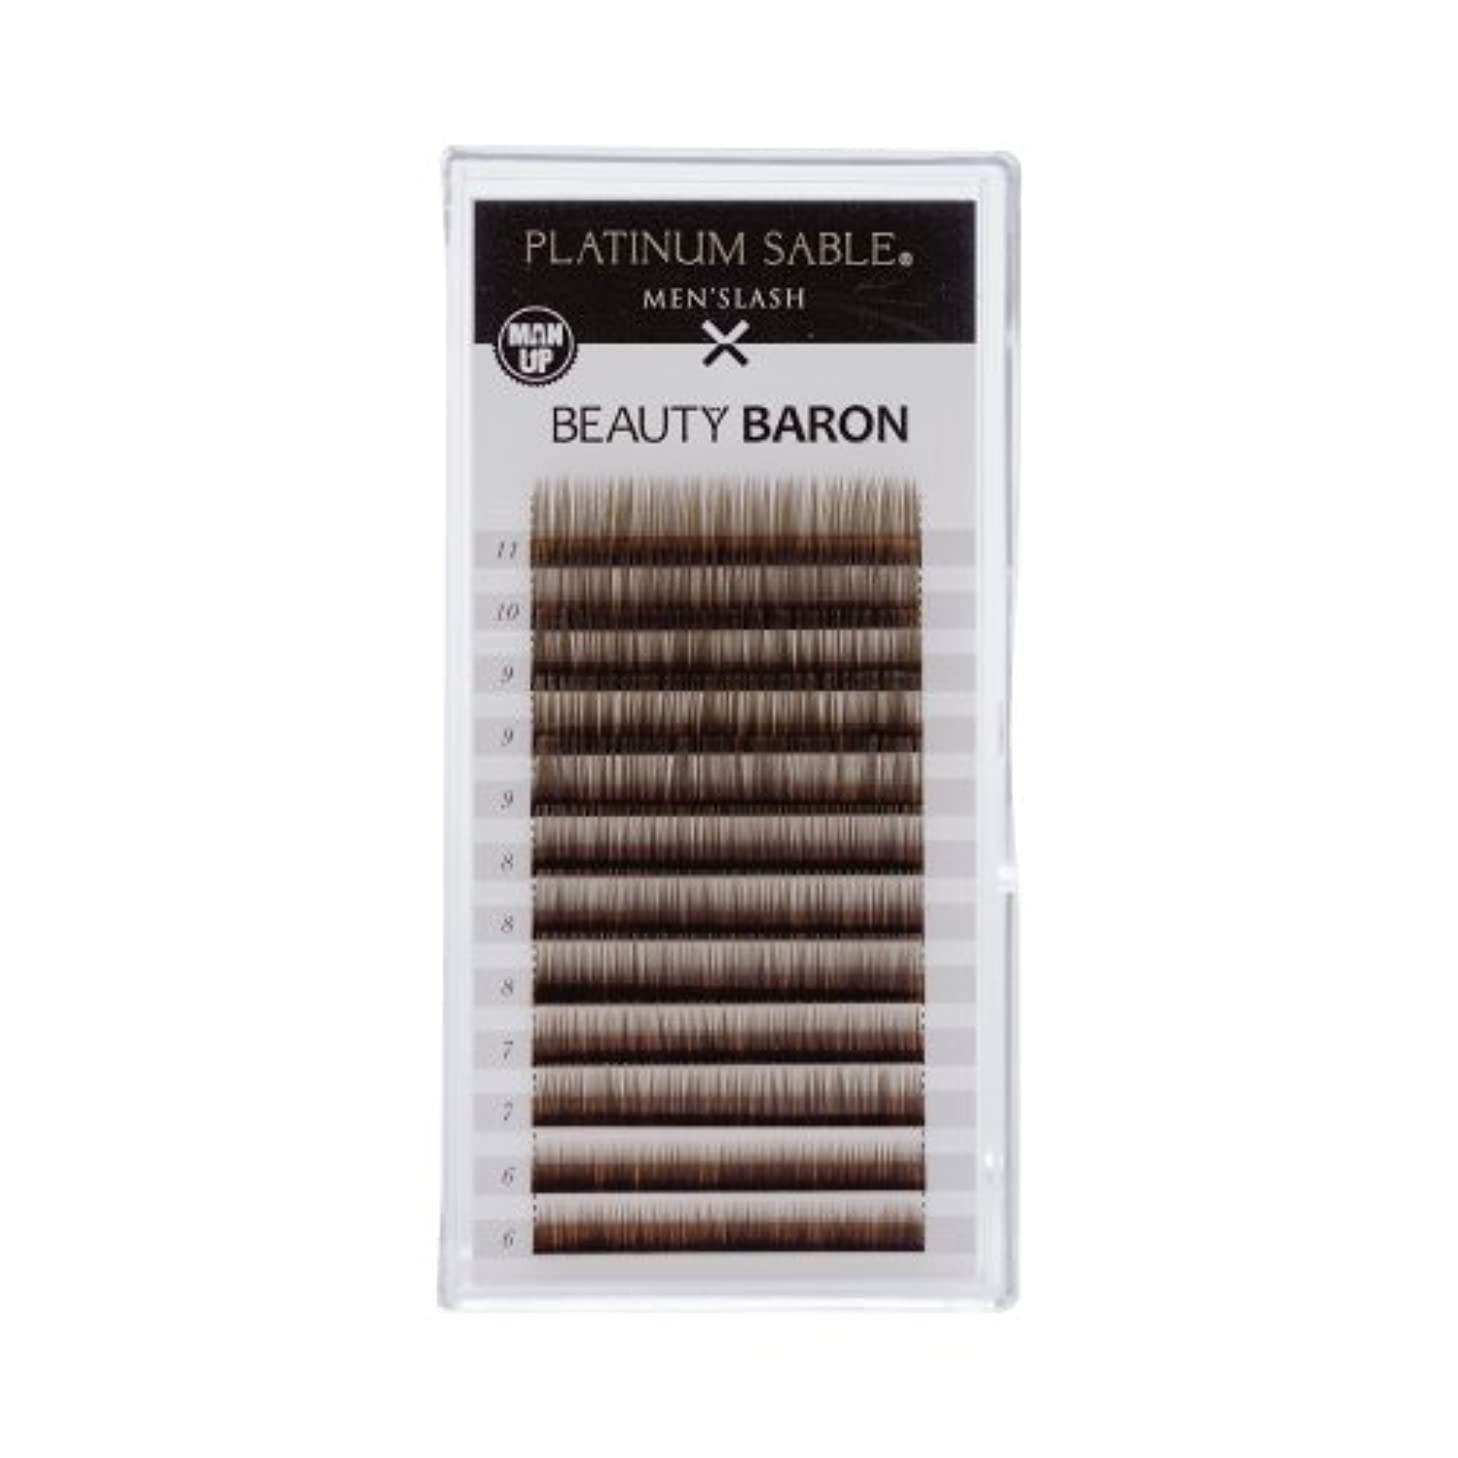 トロピカル質量アブセイプラチナセーブル メンズラッシュ 0.10mm Iカール 6-11MIX ブラックブラウン